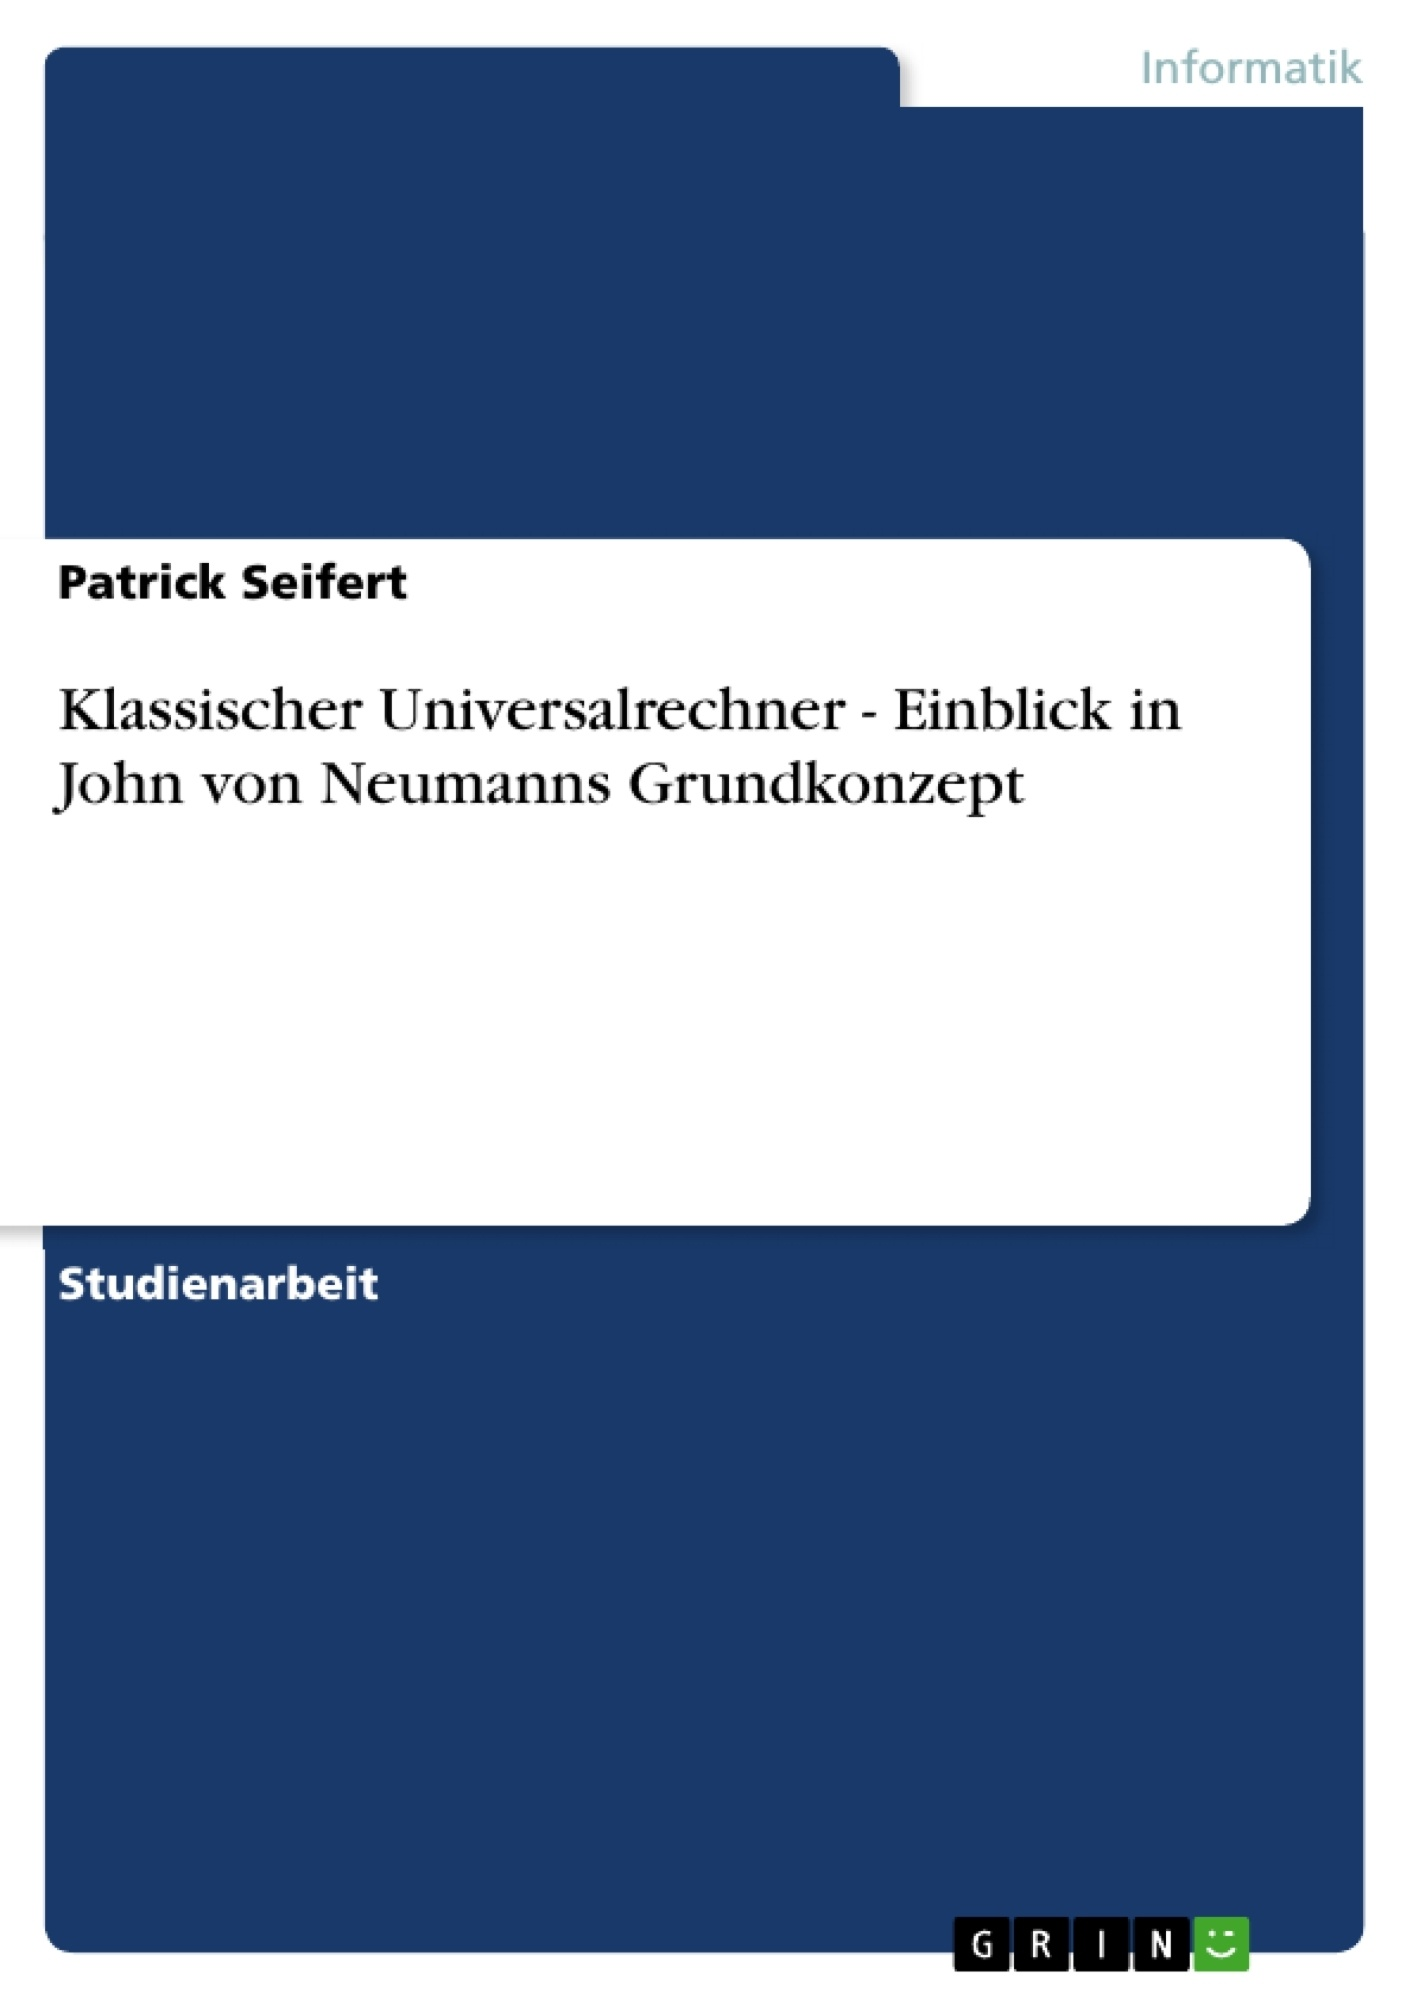 Titel: Klassischer Universalrechner - Einblick in John von Neumanns Grundkonzept